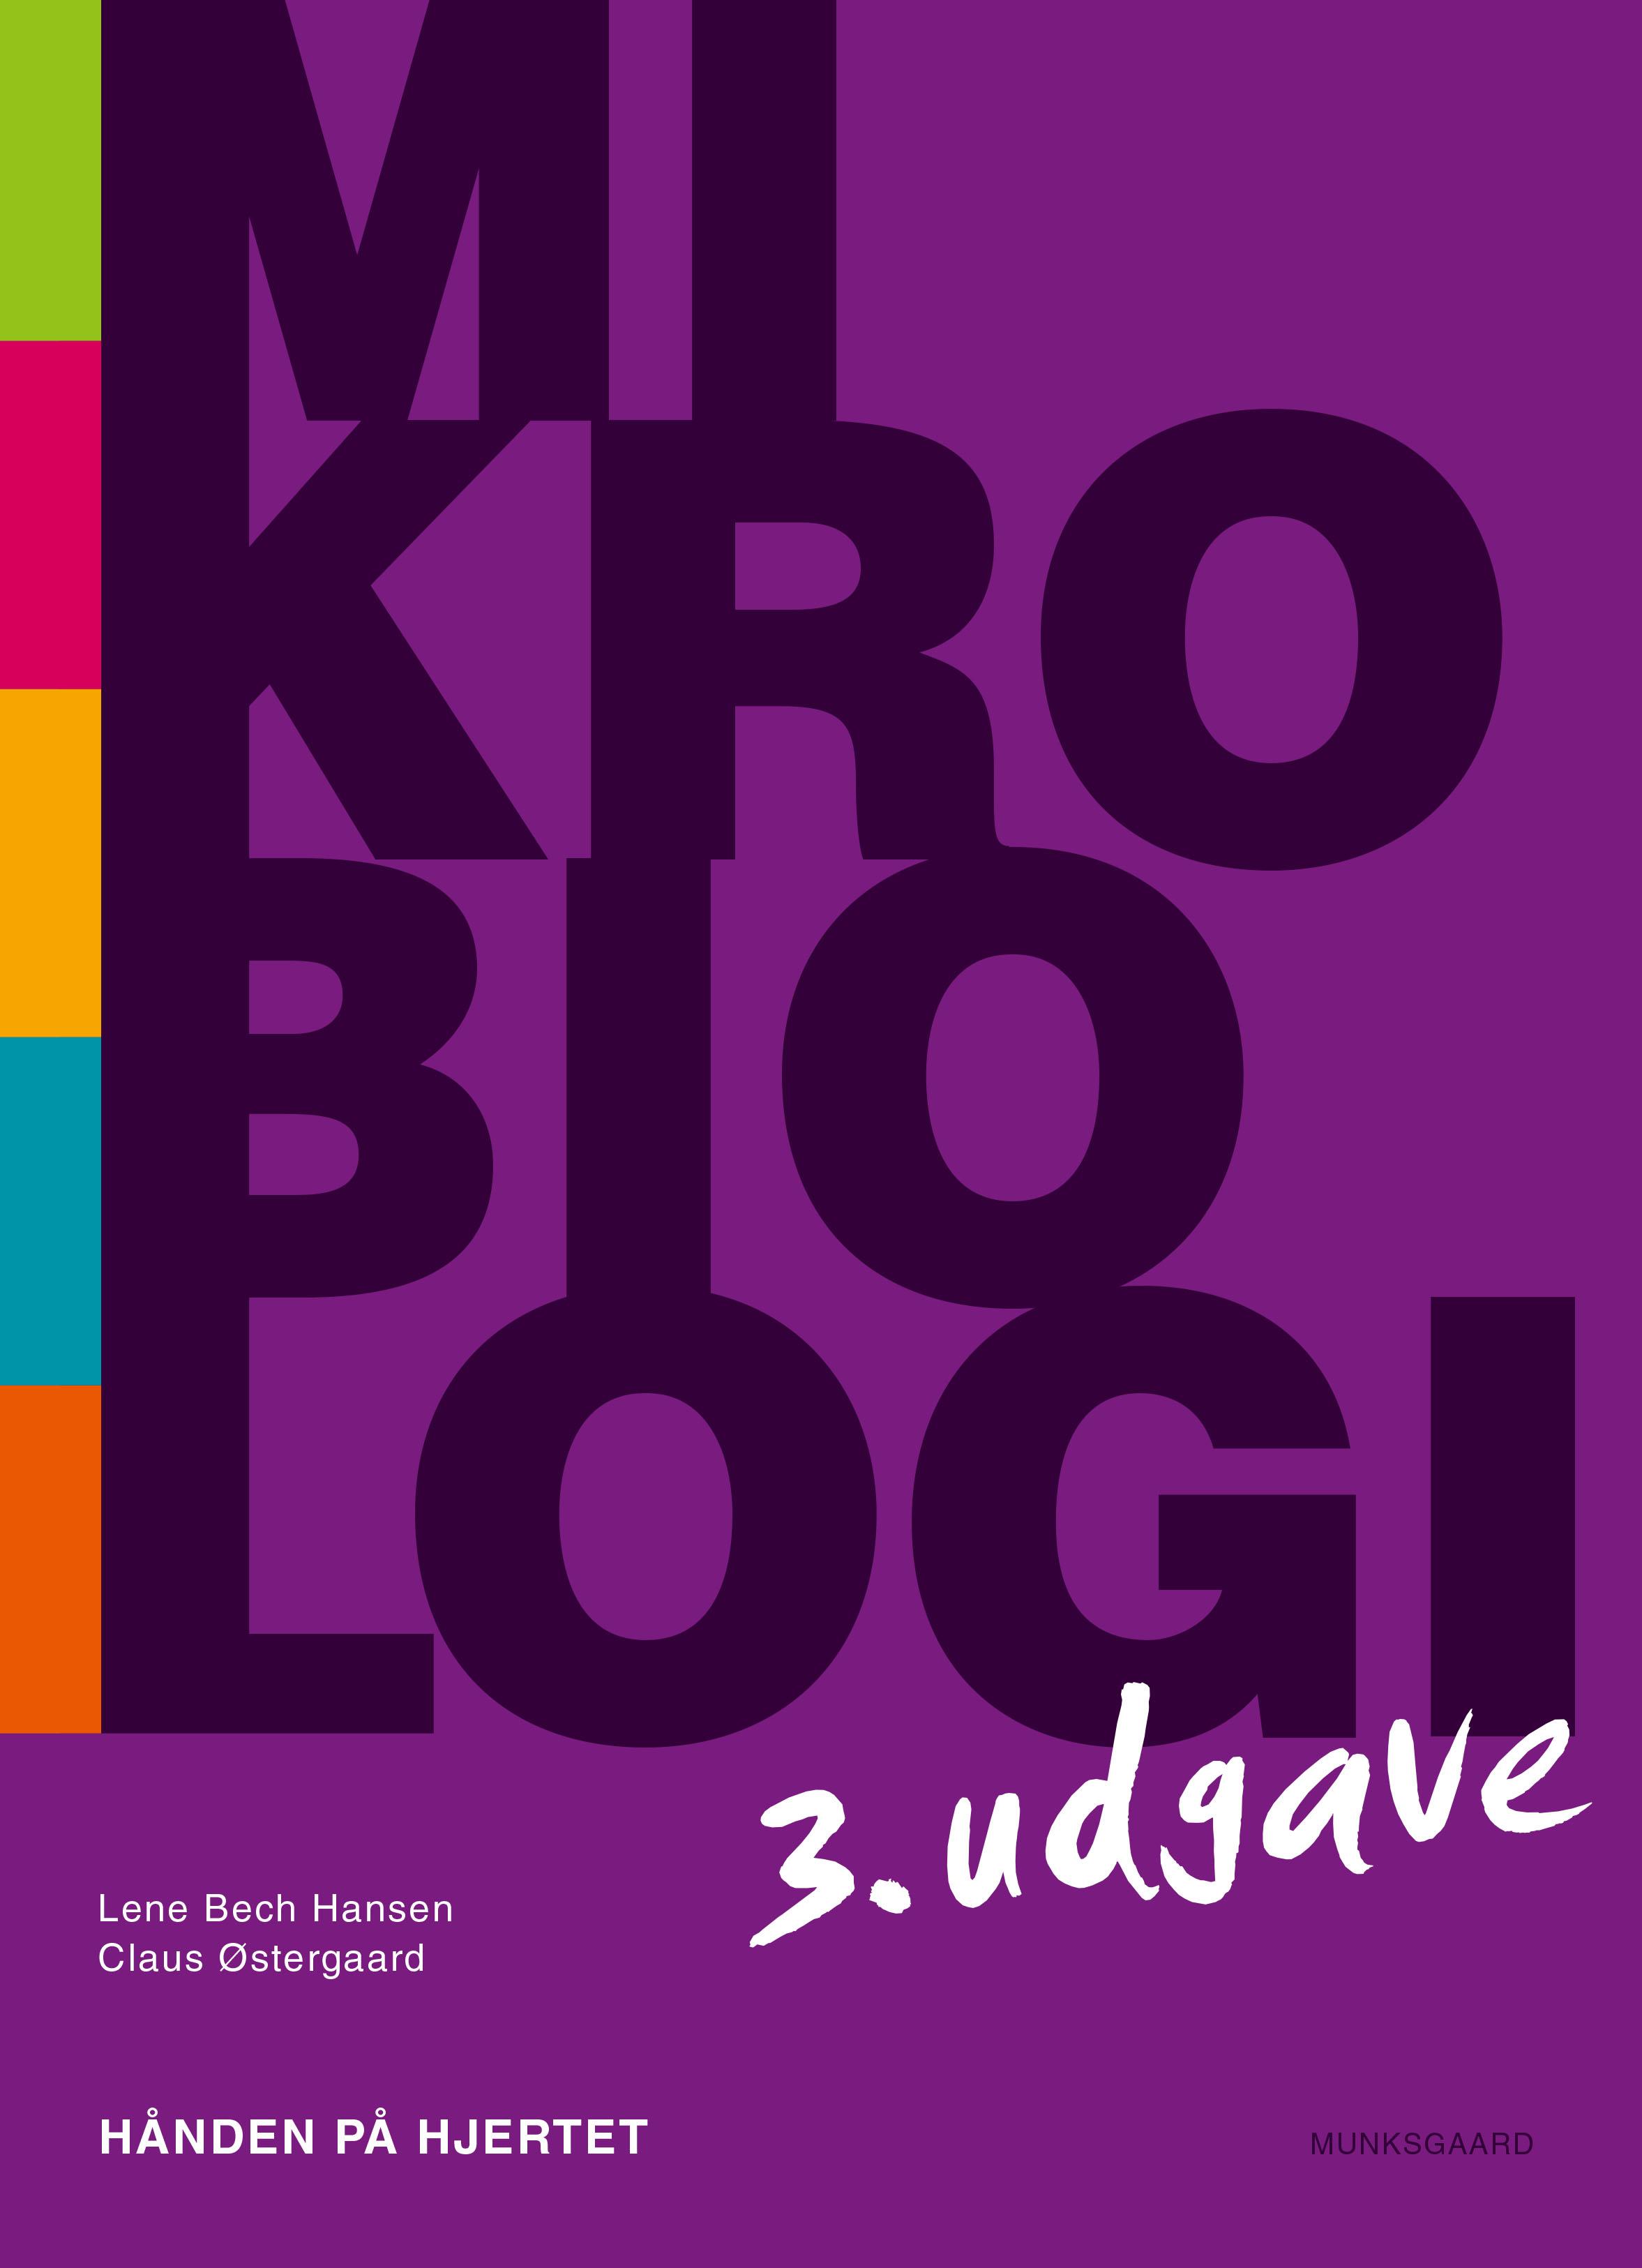 Mikrobiologi - Hånden på hjertet